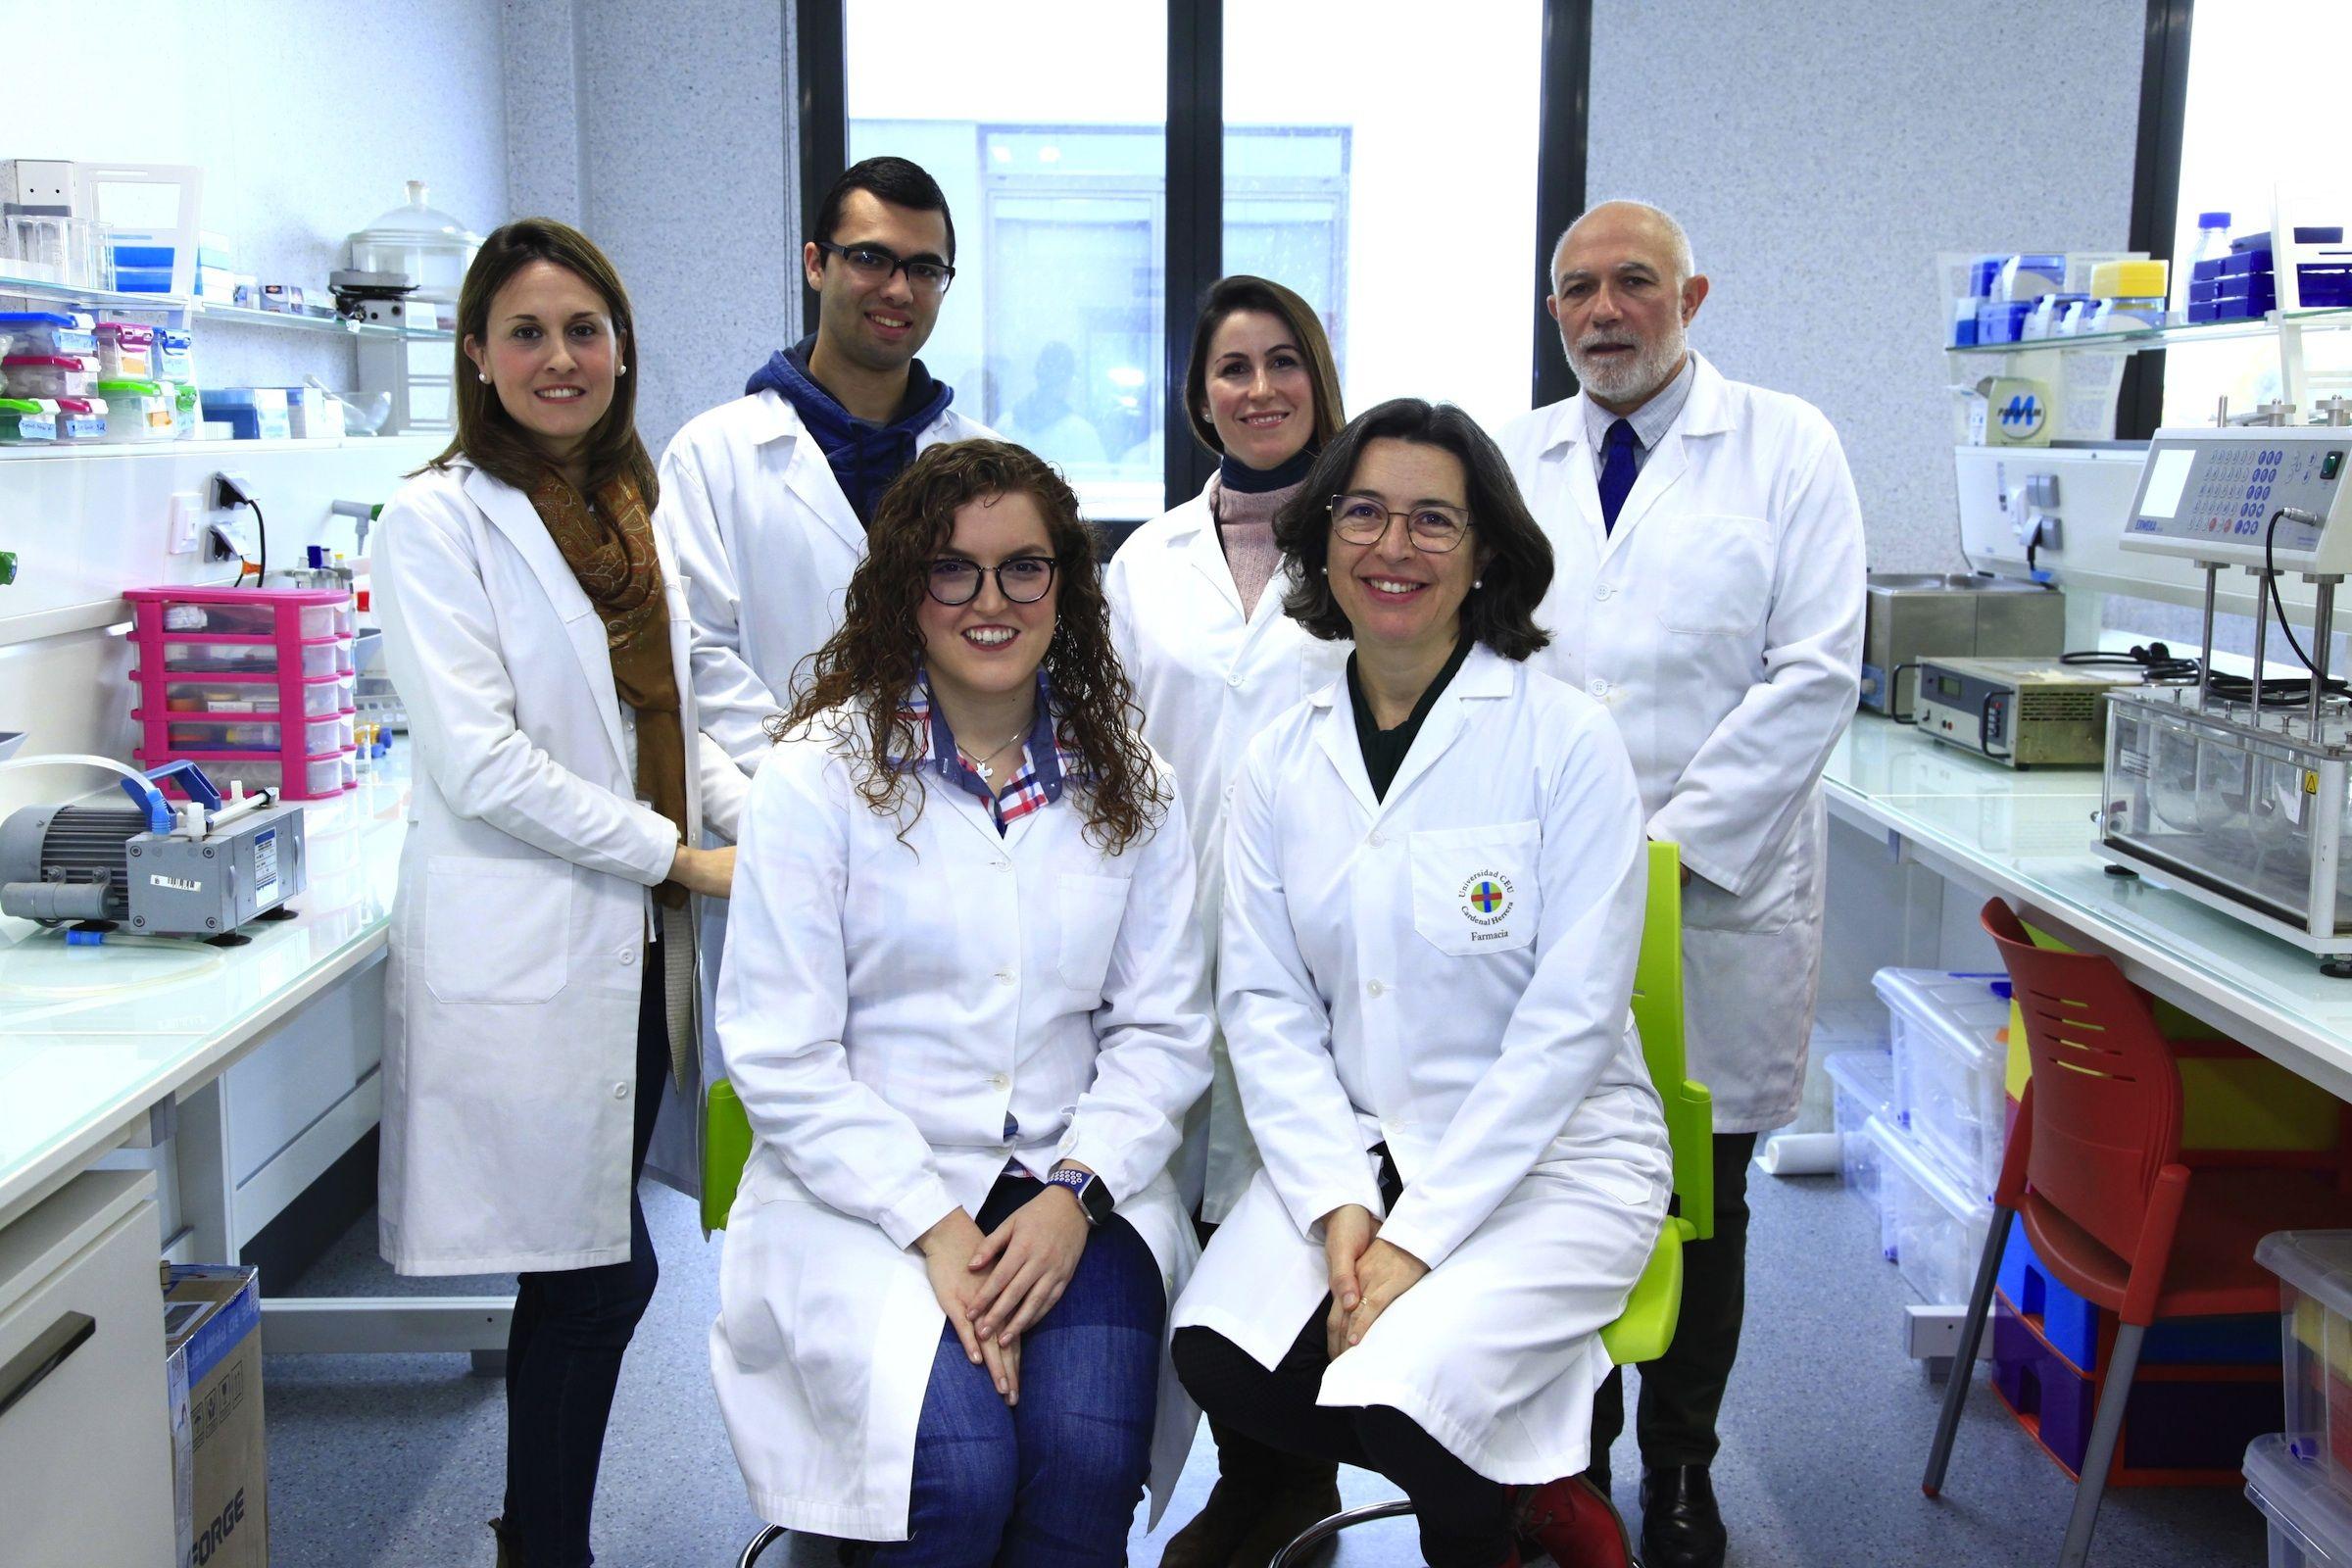 Los investigadores de la CEU UCH Cristina Balaguer, Adrián Alambiaga, Aracely Calatayud, Vicente Rodilla, María Sebastián y Alicia López, autores del estudio sobre administración de antioxidantes a través de la córnea y la esclera.